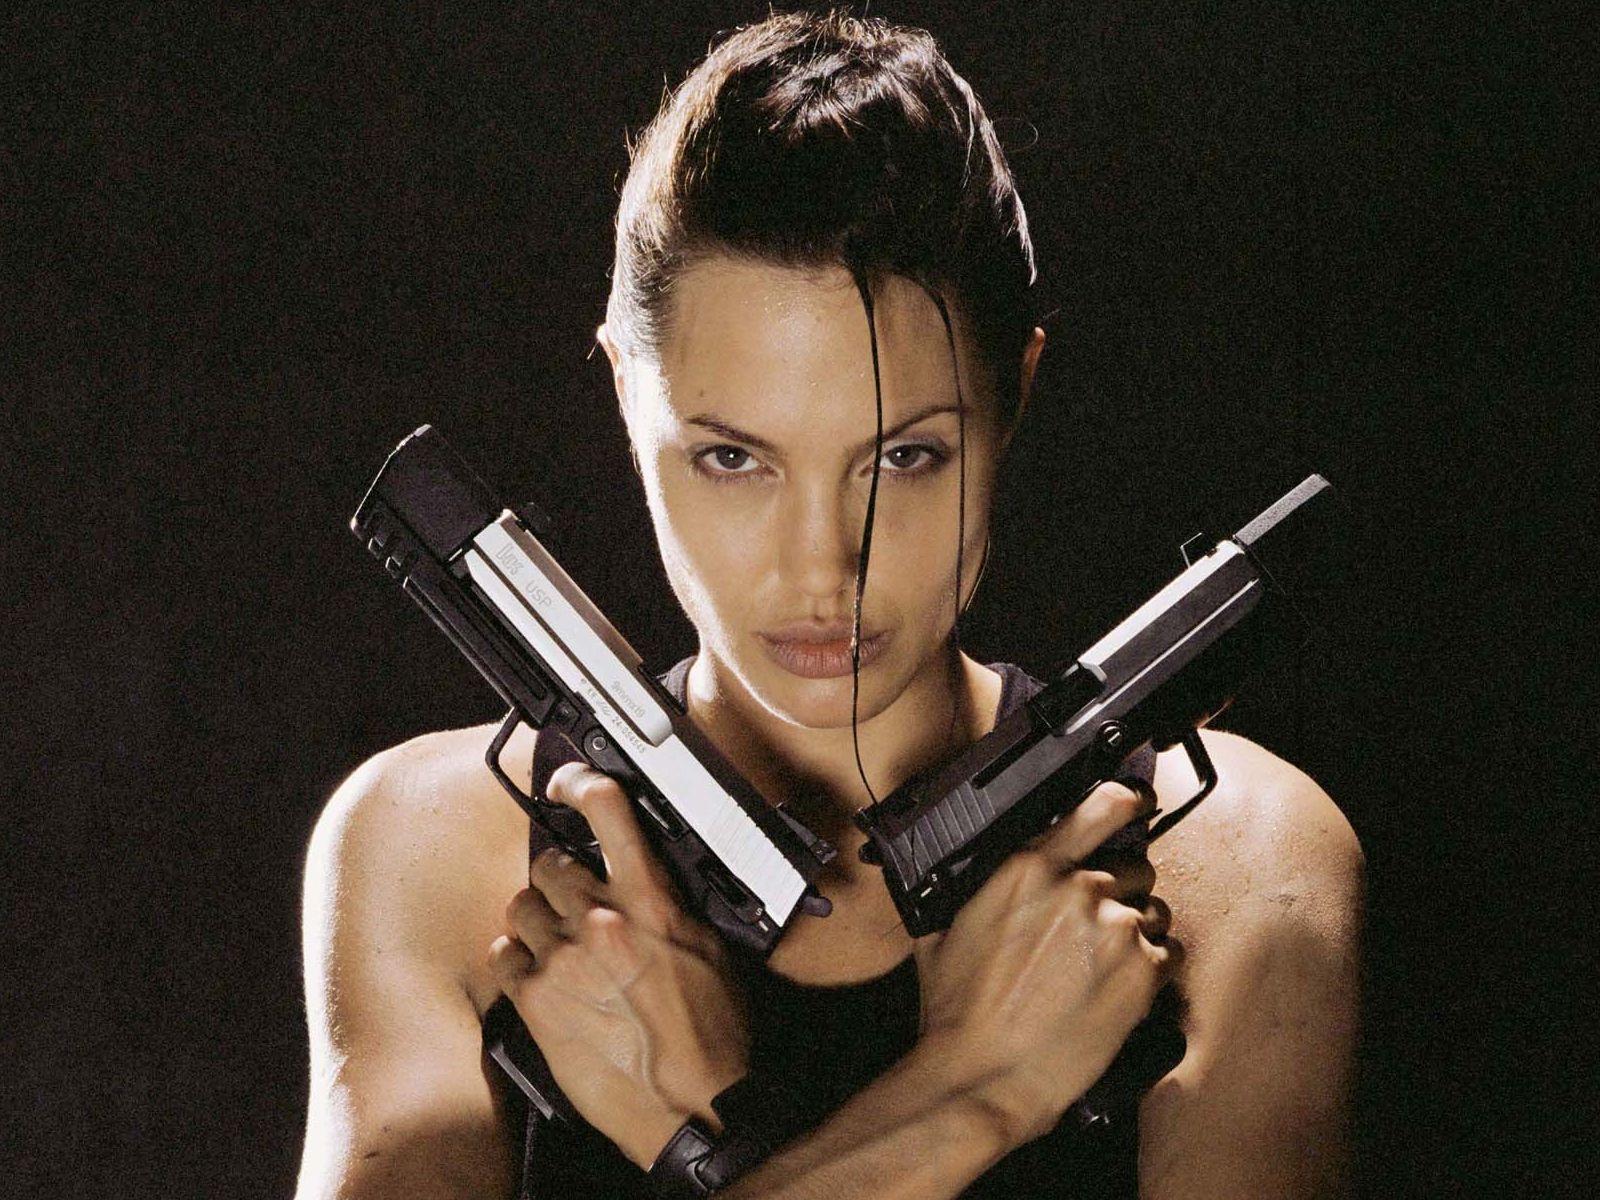 http://4.bp.blogspot.com/_xy88gh_sQiA/TCsU_MxOinI/AAAAAAAAAKU/sdW0V7MDTF0/s1600/Angelina.Jolie.Tomb.Raider.jpg